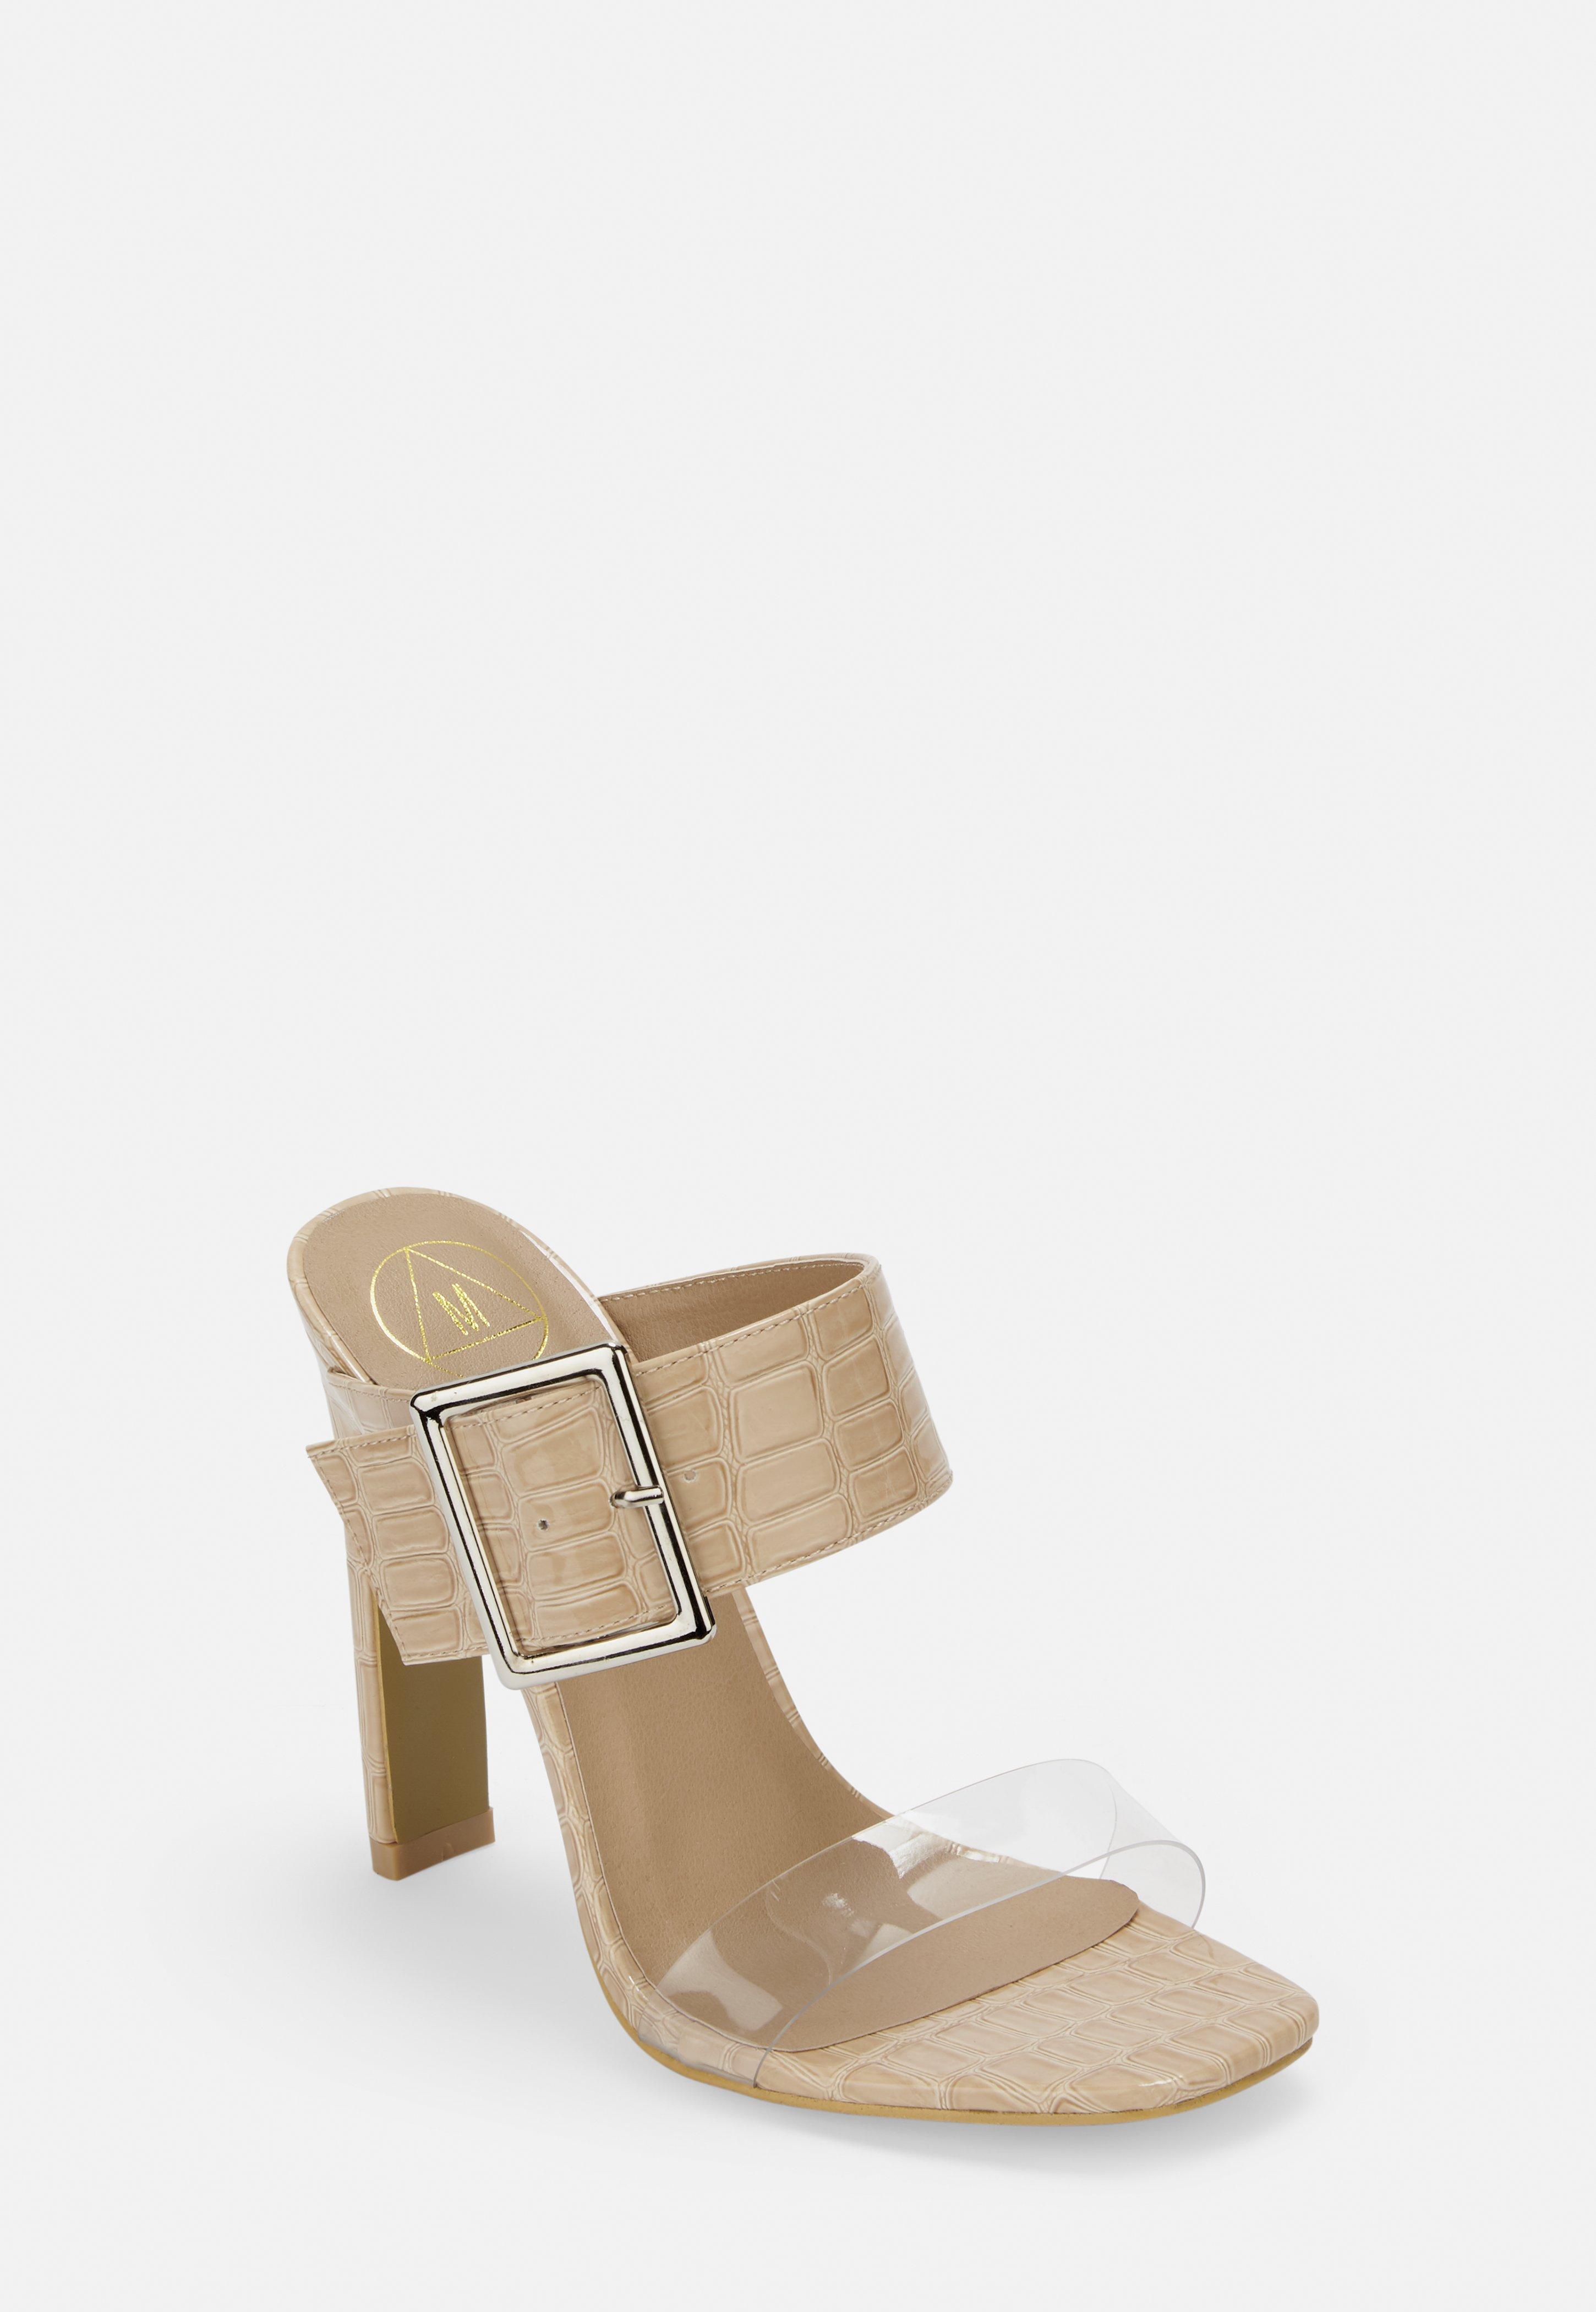 f32b4a21 Shoes   Women's Footwear Online - Missguided Ireland